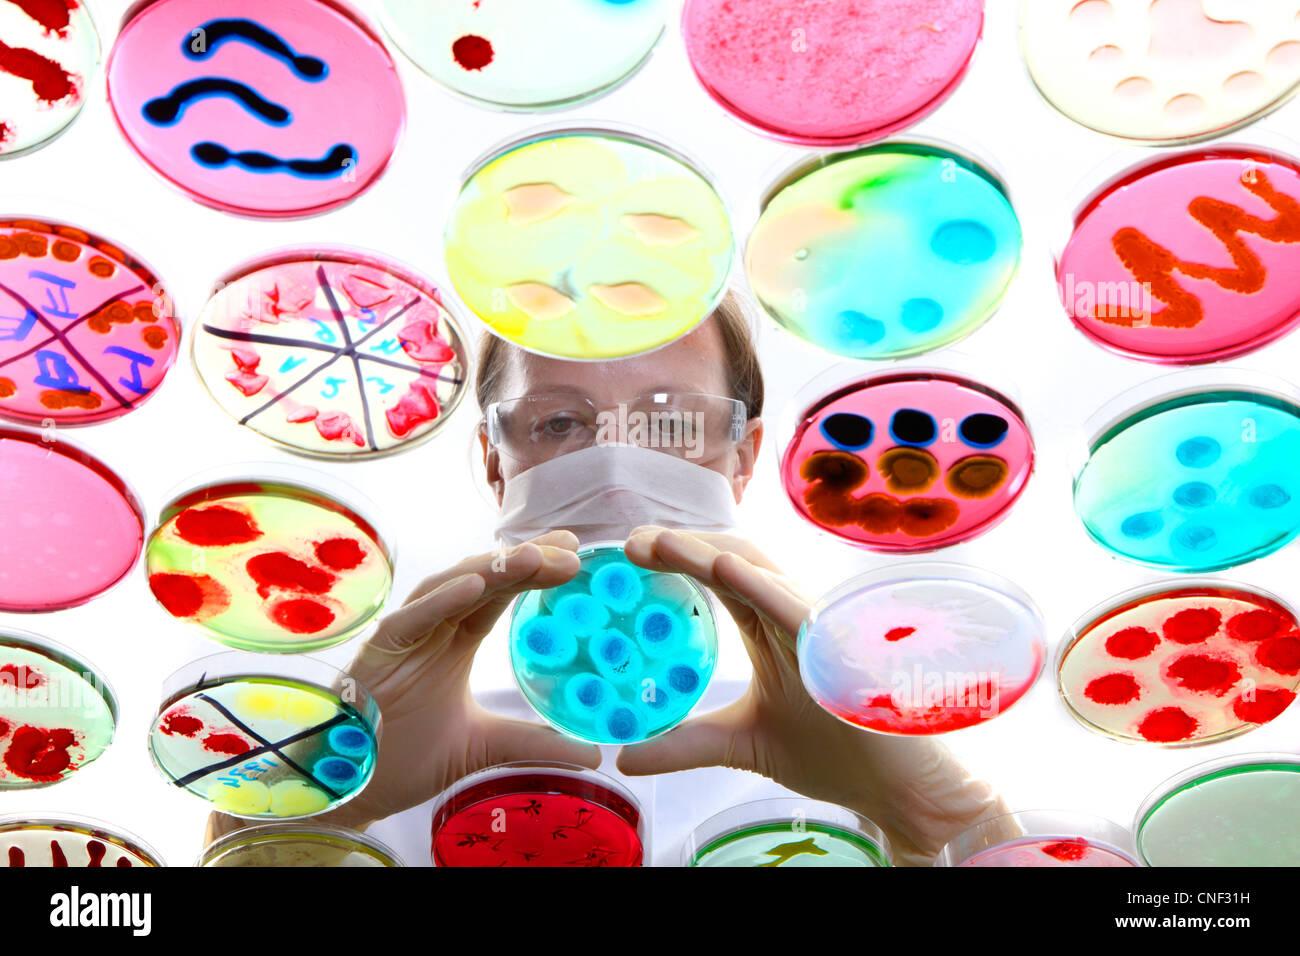 Laboratory, biologique, chimique. L'analyse des cultures de bactéries de plus en plus de bactéries Photo Stock